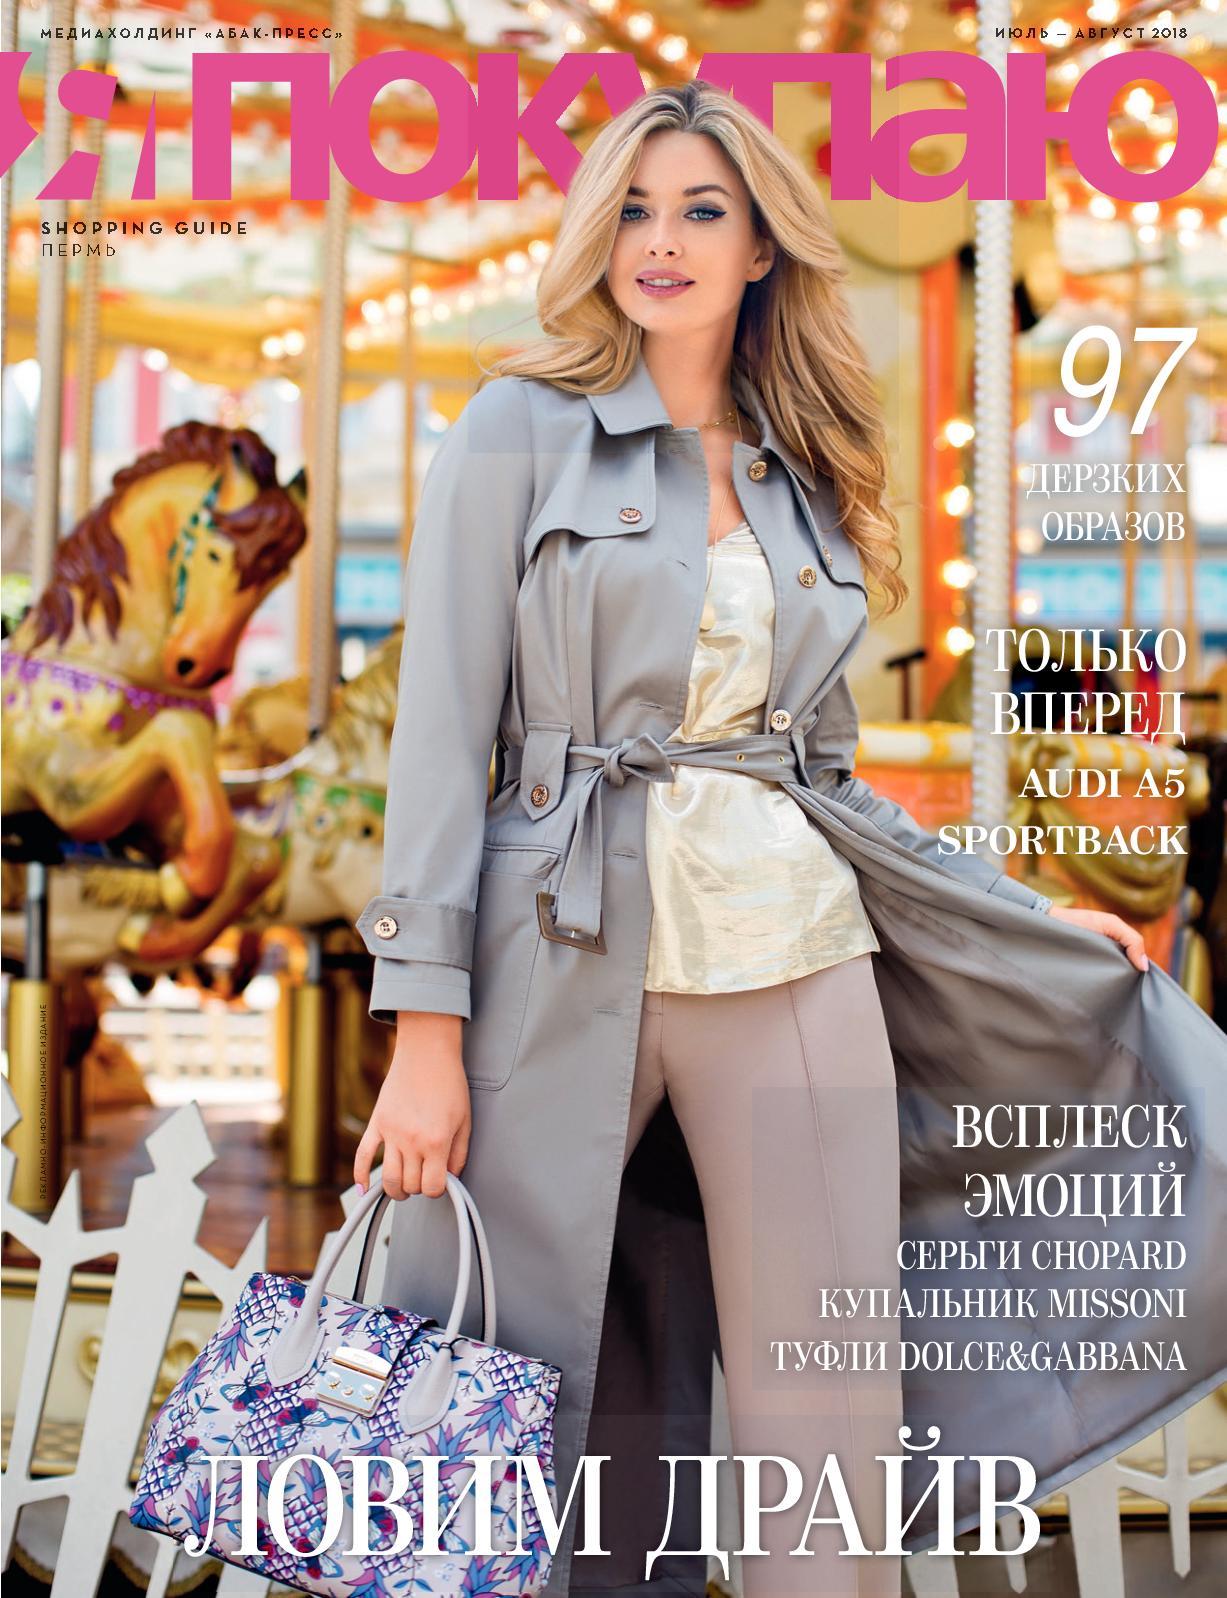 ТРК Проспект вдохновляет на шоппинг с любовью картинки